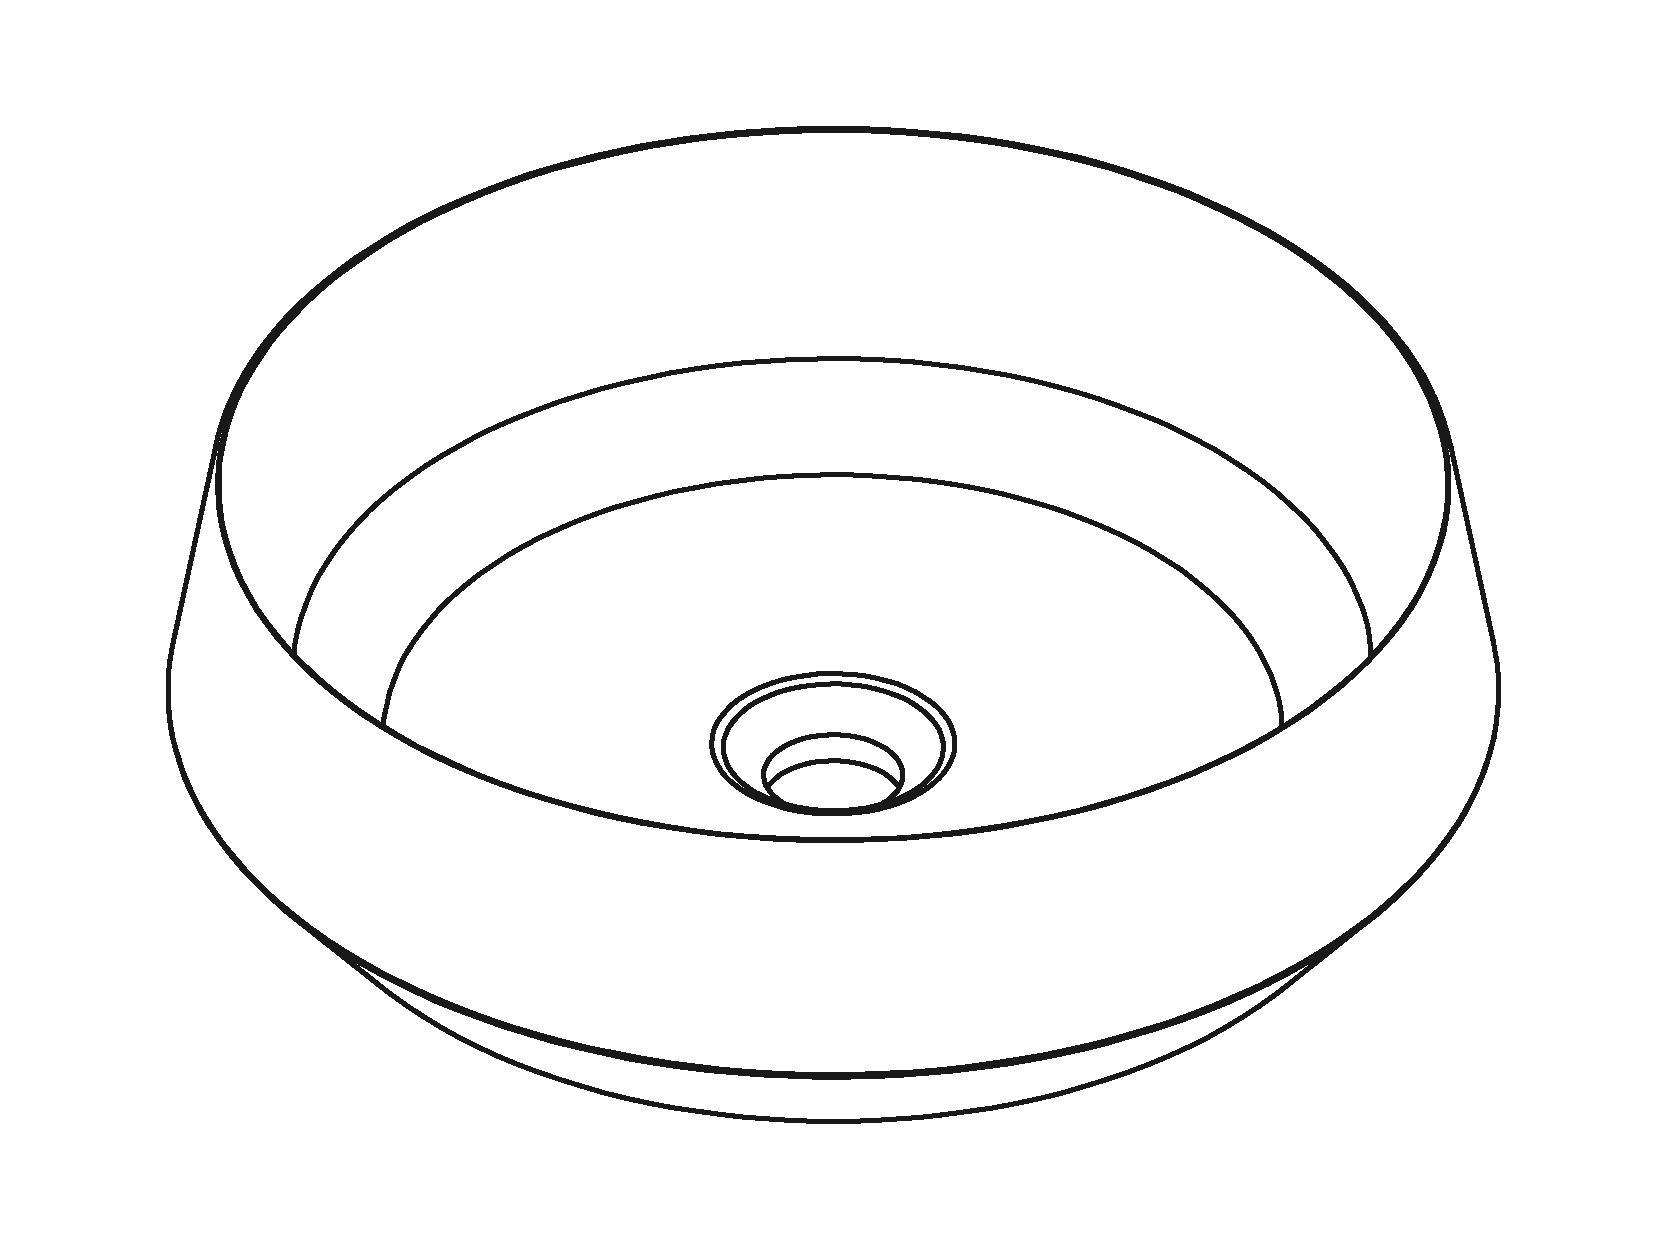 VENET CIRCLE